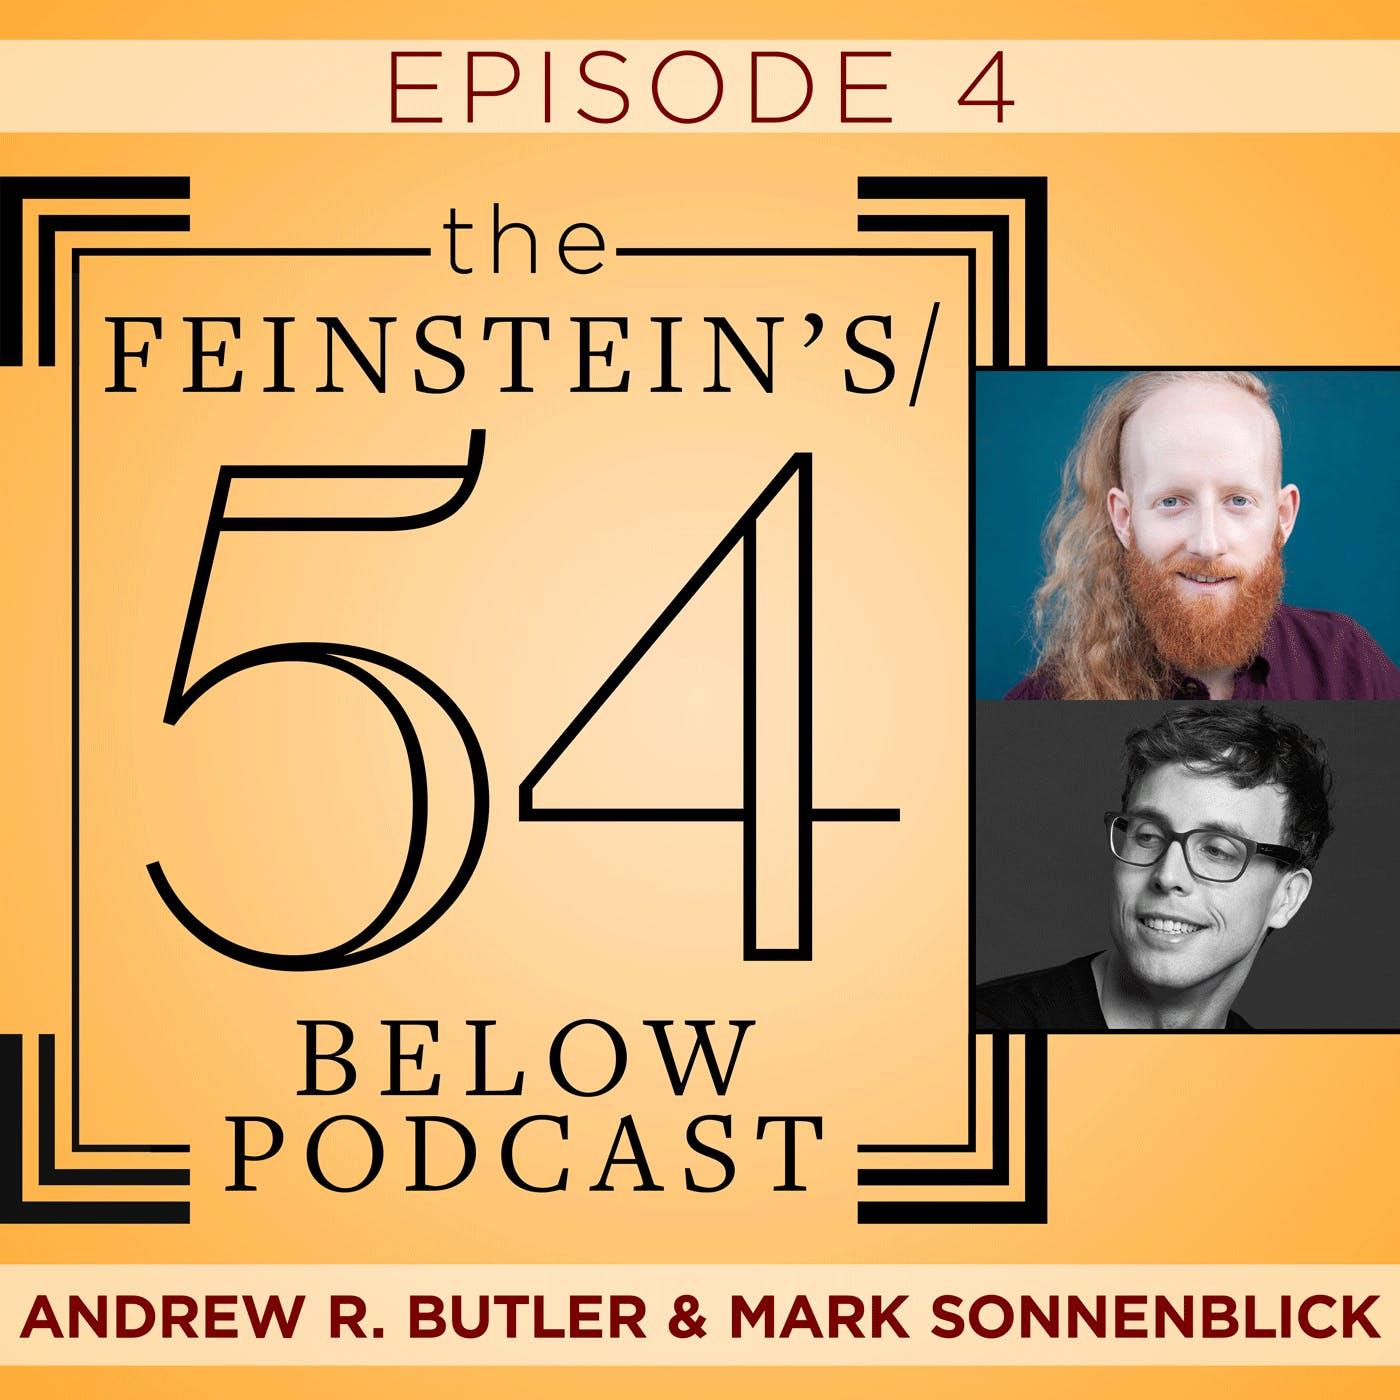 Episode 4: ANDREW R. BUTLER & MARK SONNENBLICK